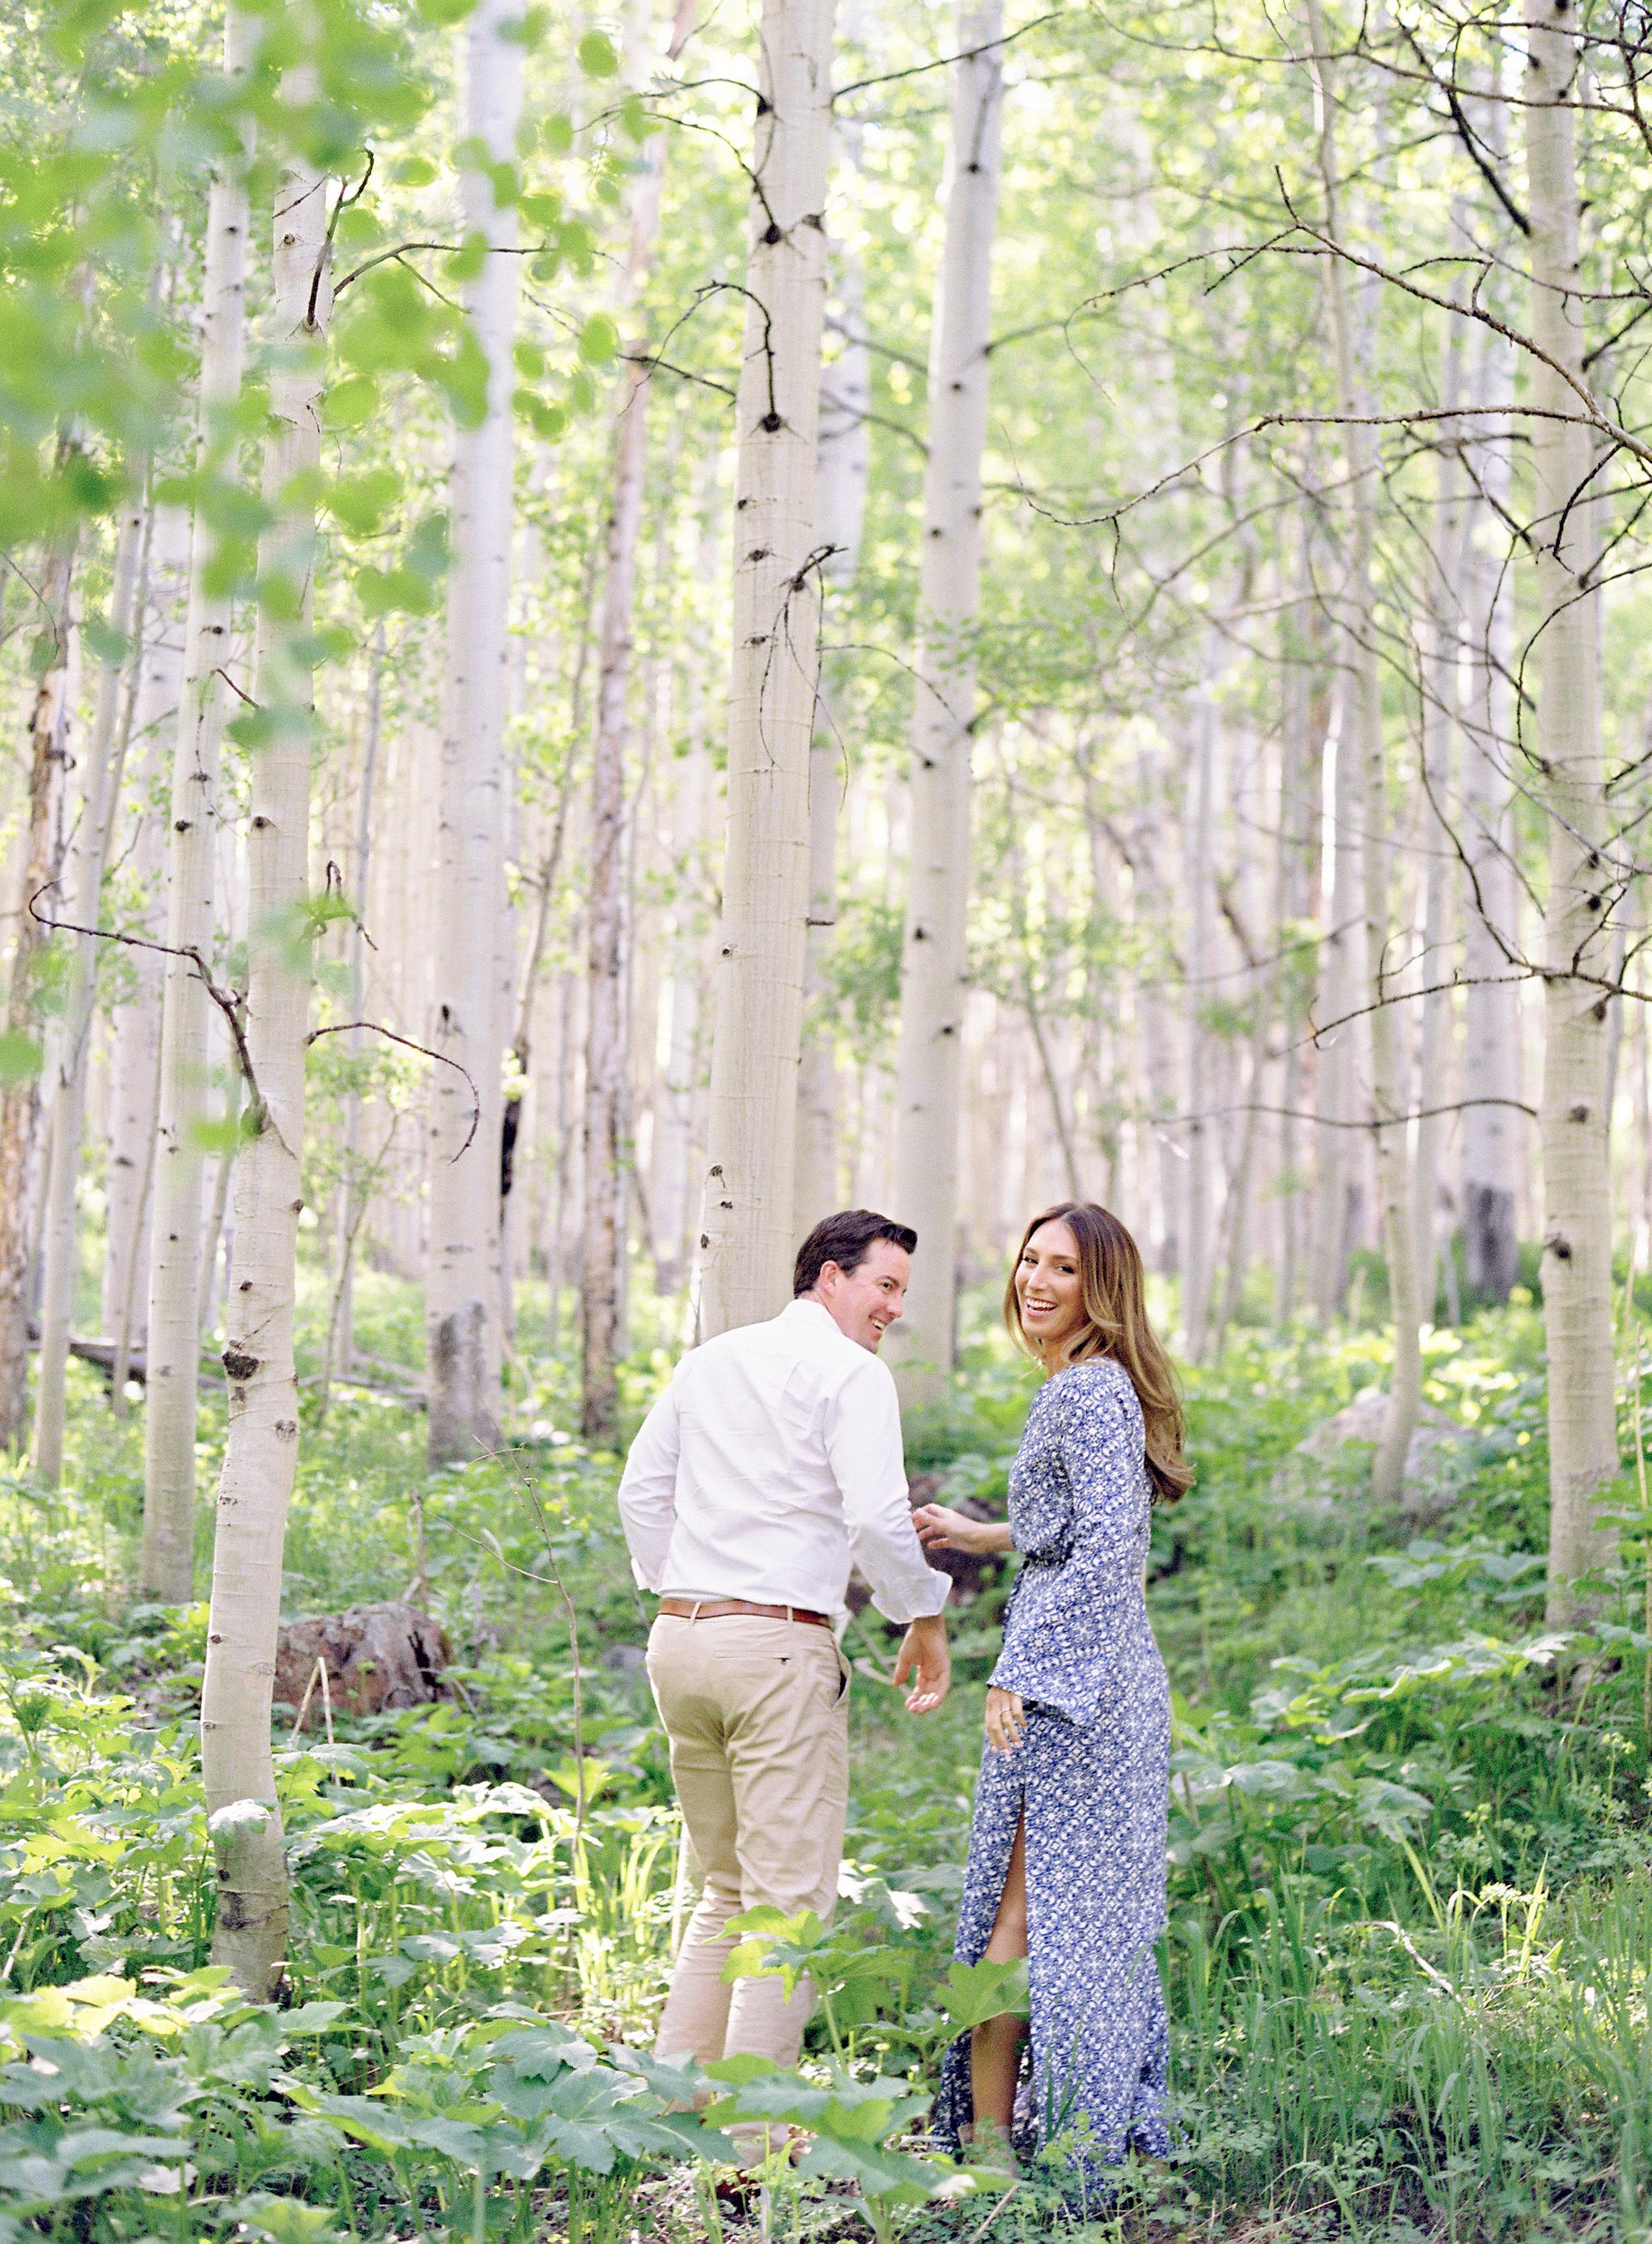 Amy and Matt-engagement-Carrie King Photographer-18.jpg